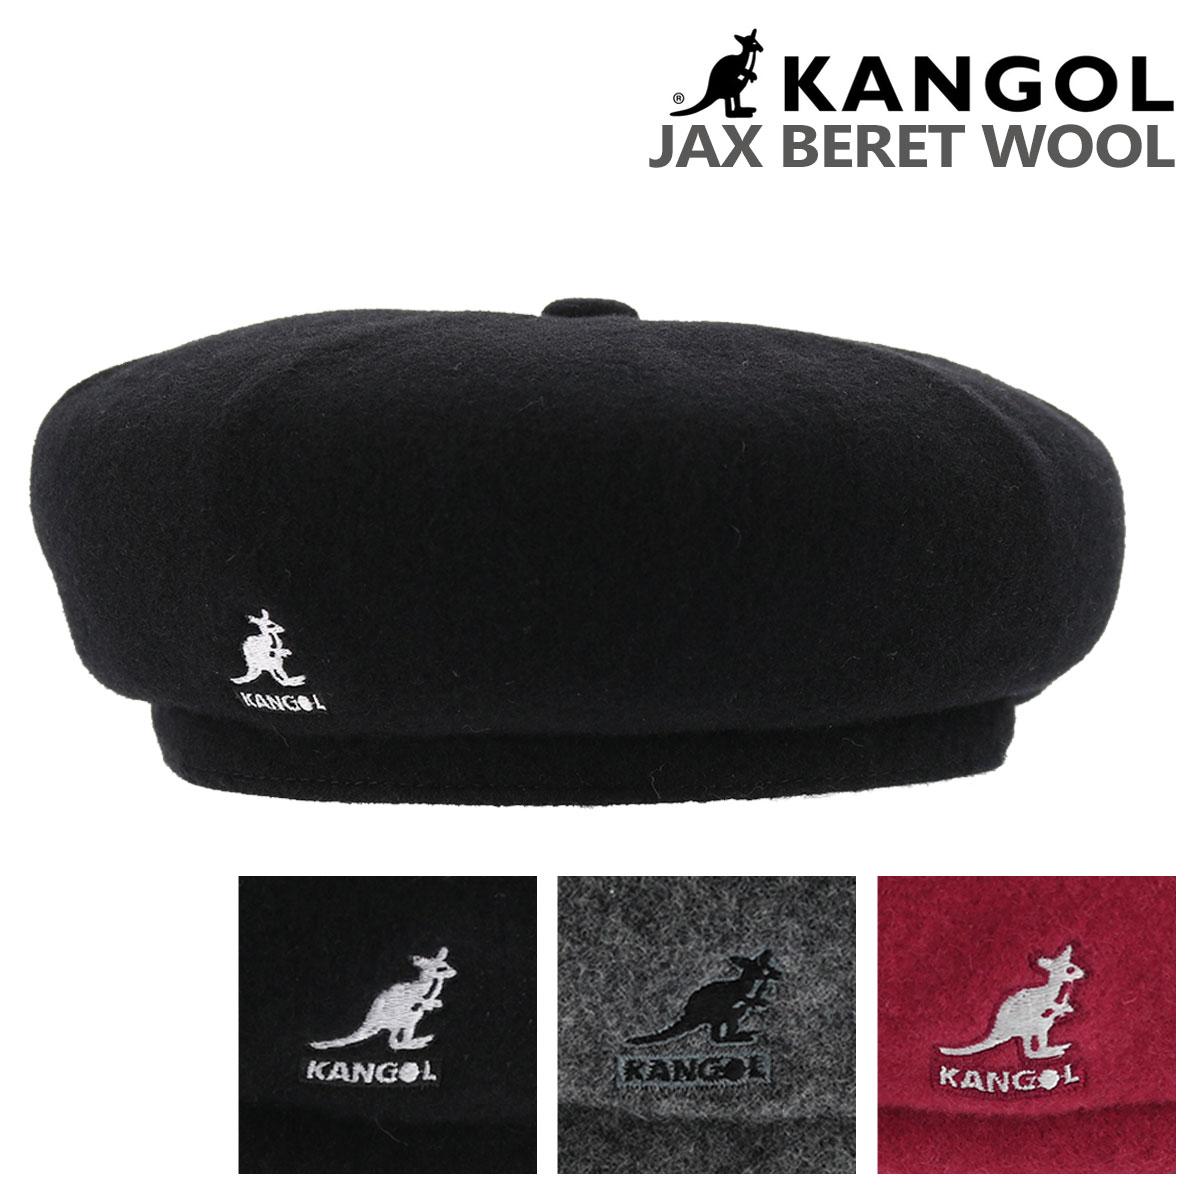 カンゴール ベレー帽 ウール ジャックスベレー レディース 187169015 KANGOL   帽子 [即日発送]